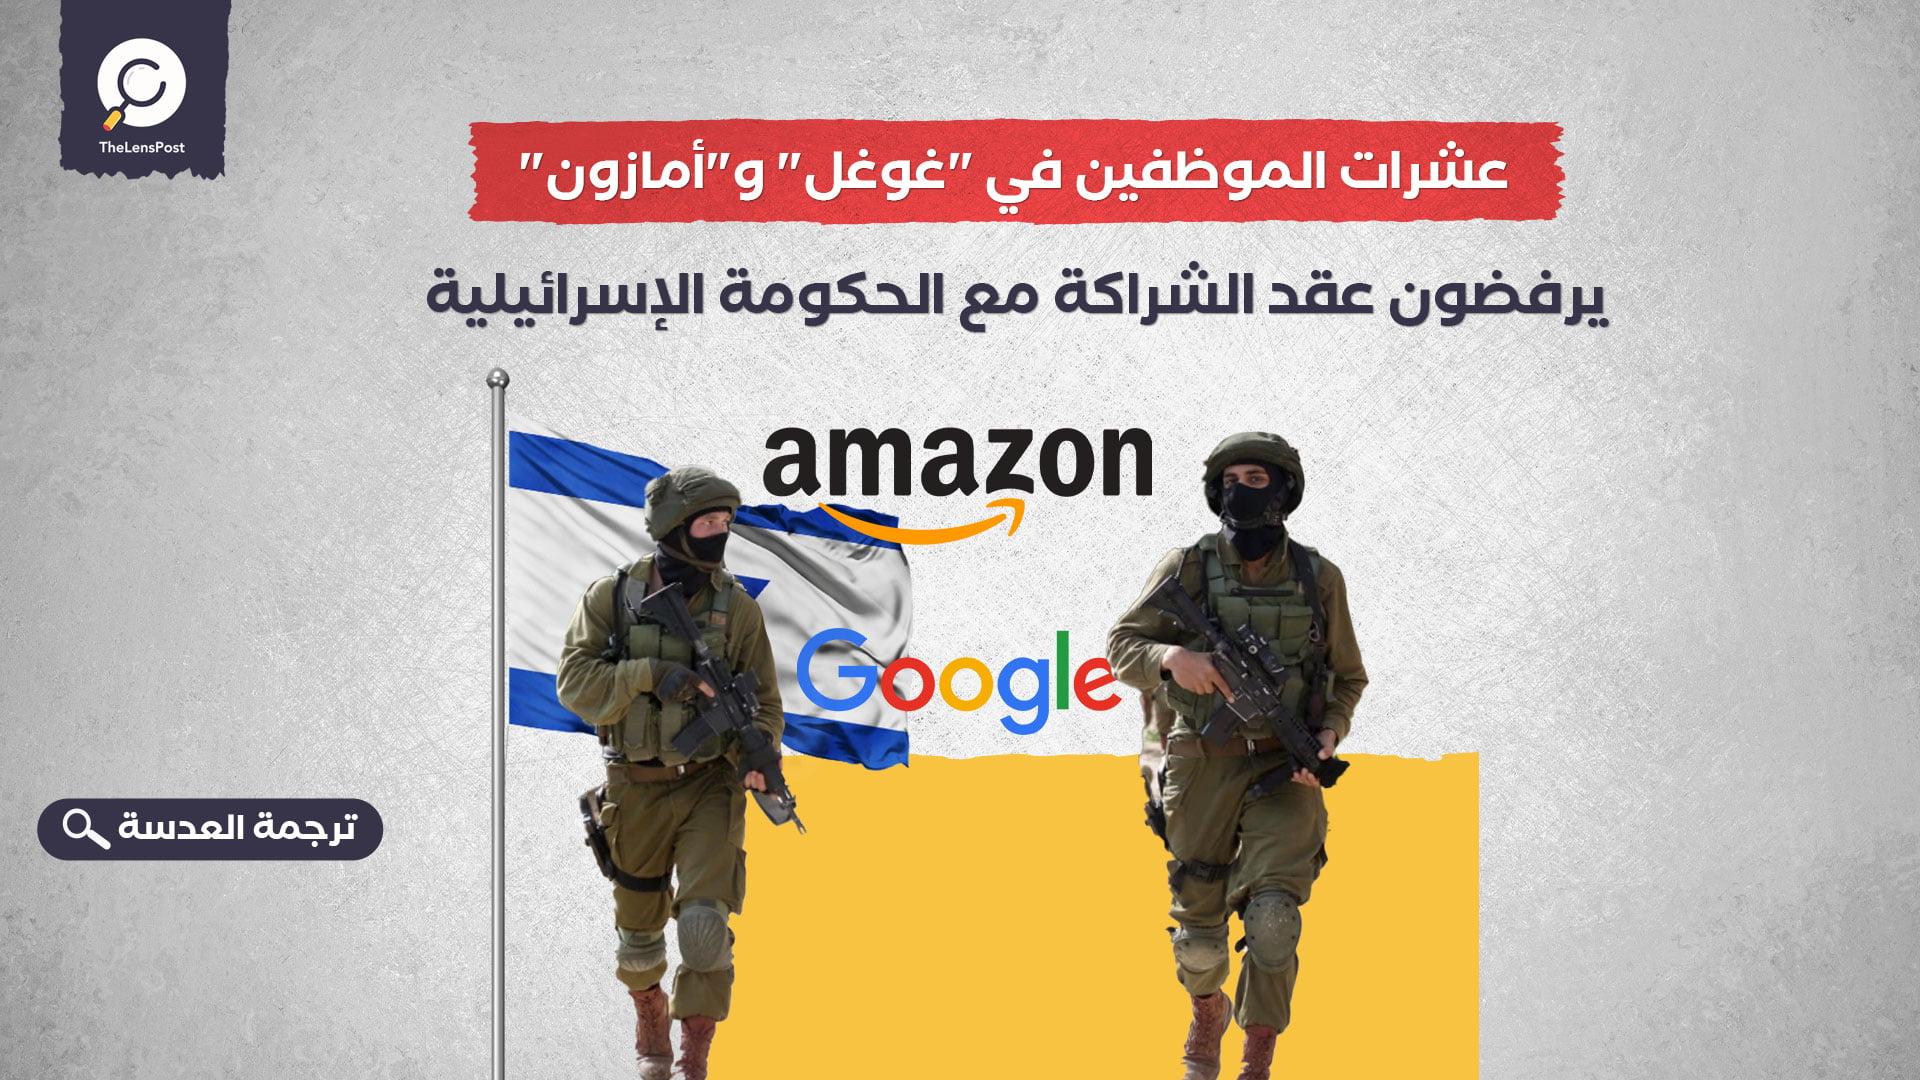 """عشرات الموظفين في """"غوغل"""" و""""أمازون"""" يرفضون عقد الشراكة مع الحكومة الإسرائيلية"""